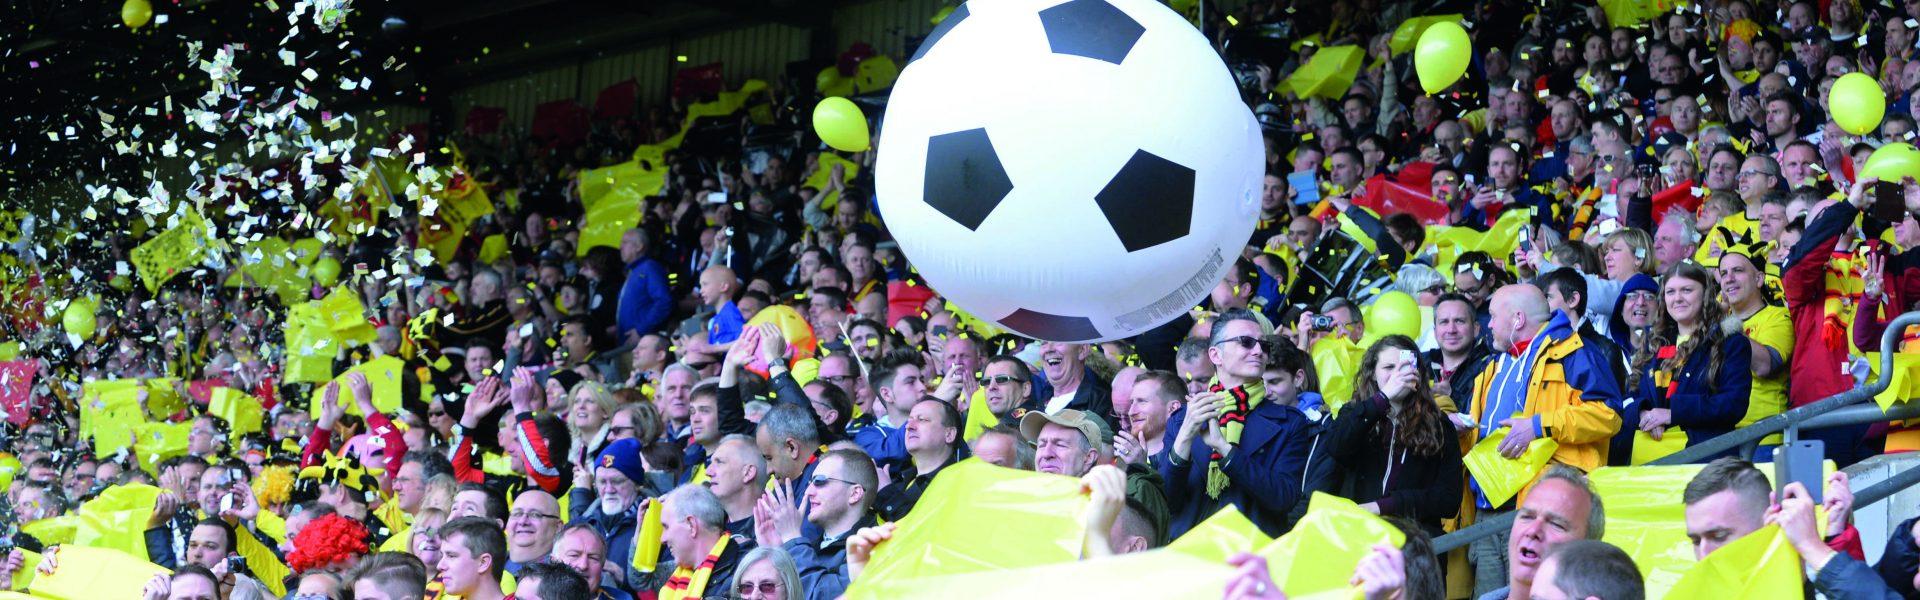 Watford FC fans